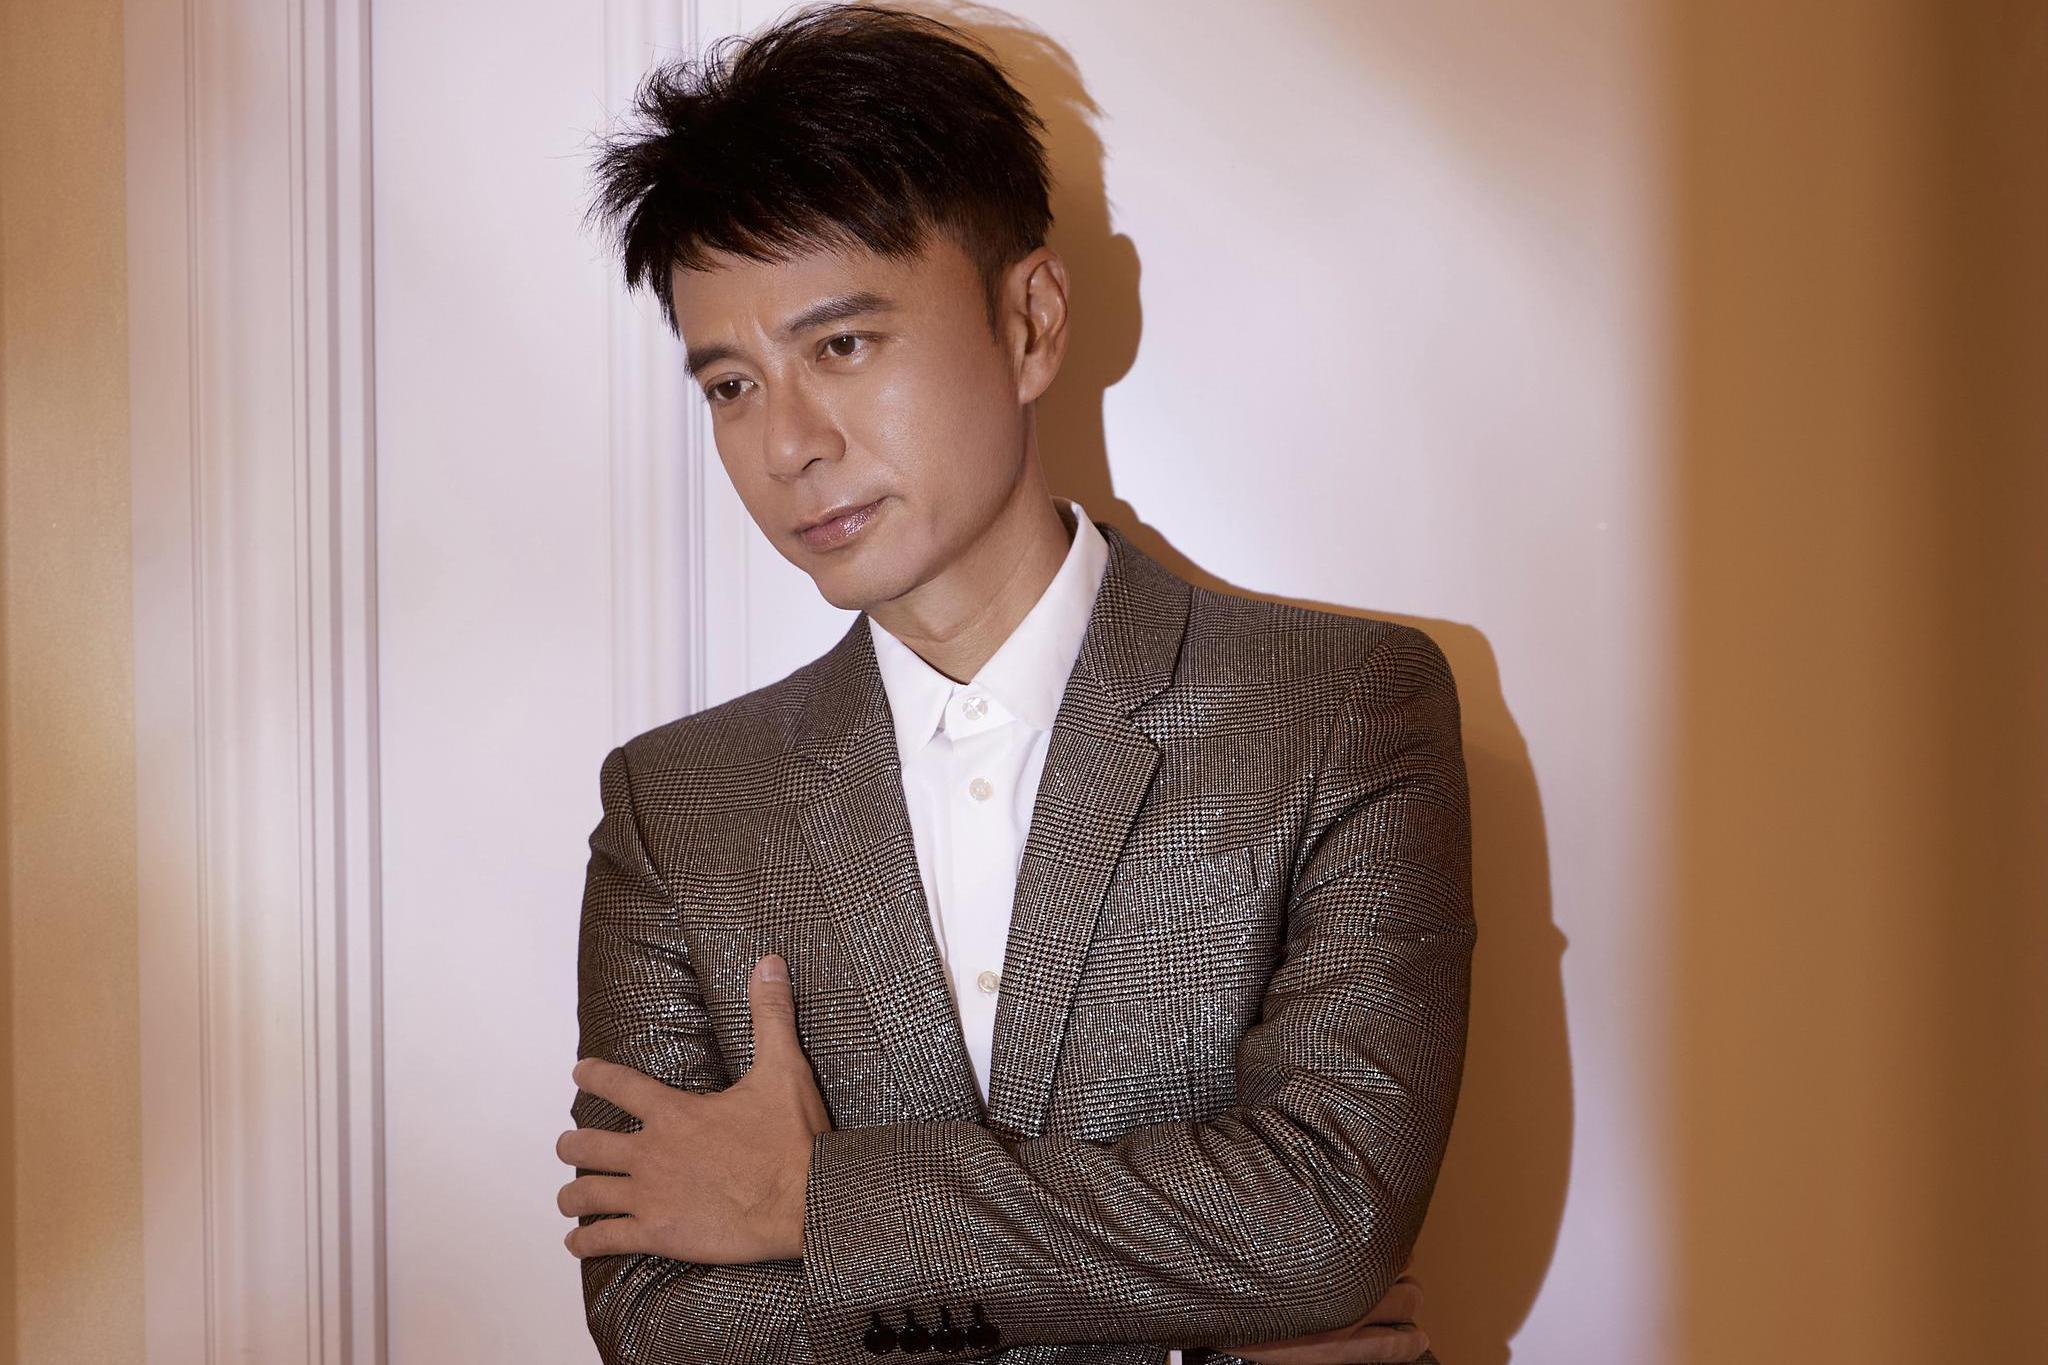 李克勤跨年演唱会演绎《护花使者》 夺得江苏卫视收视率最高节目